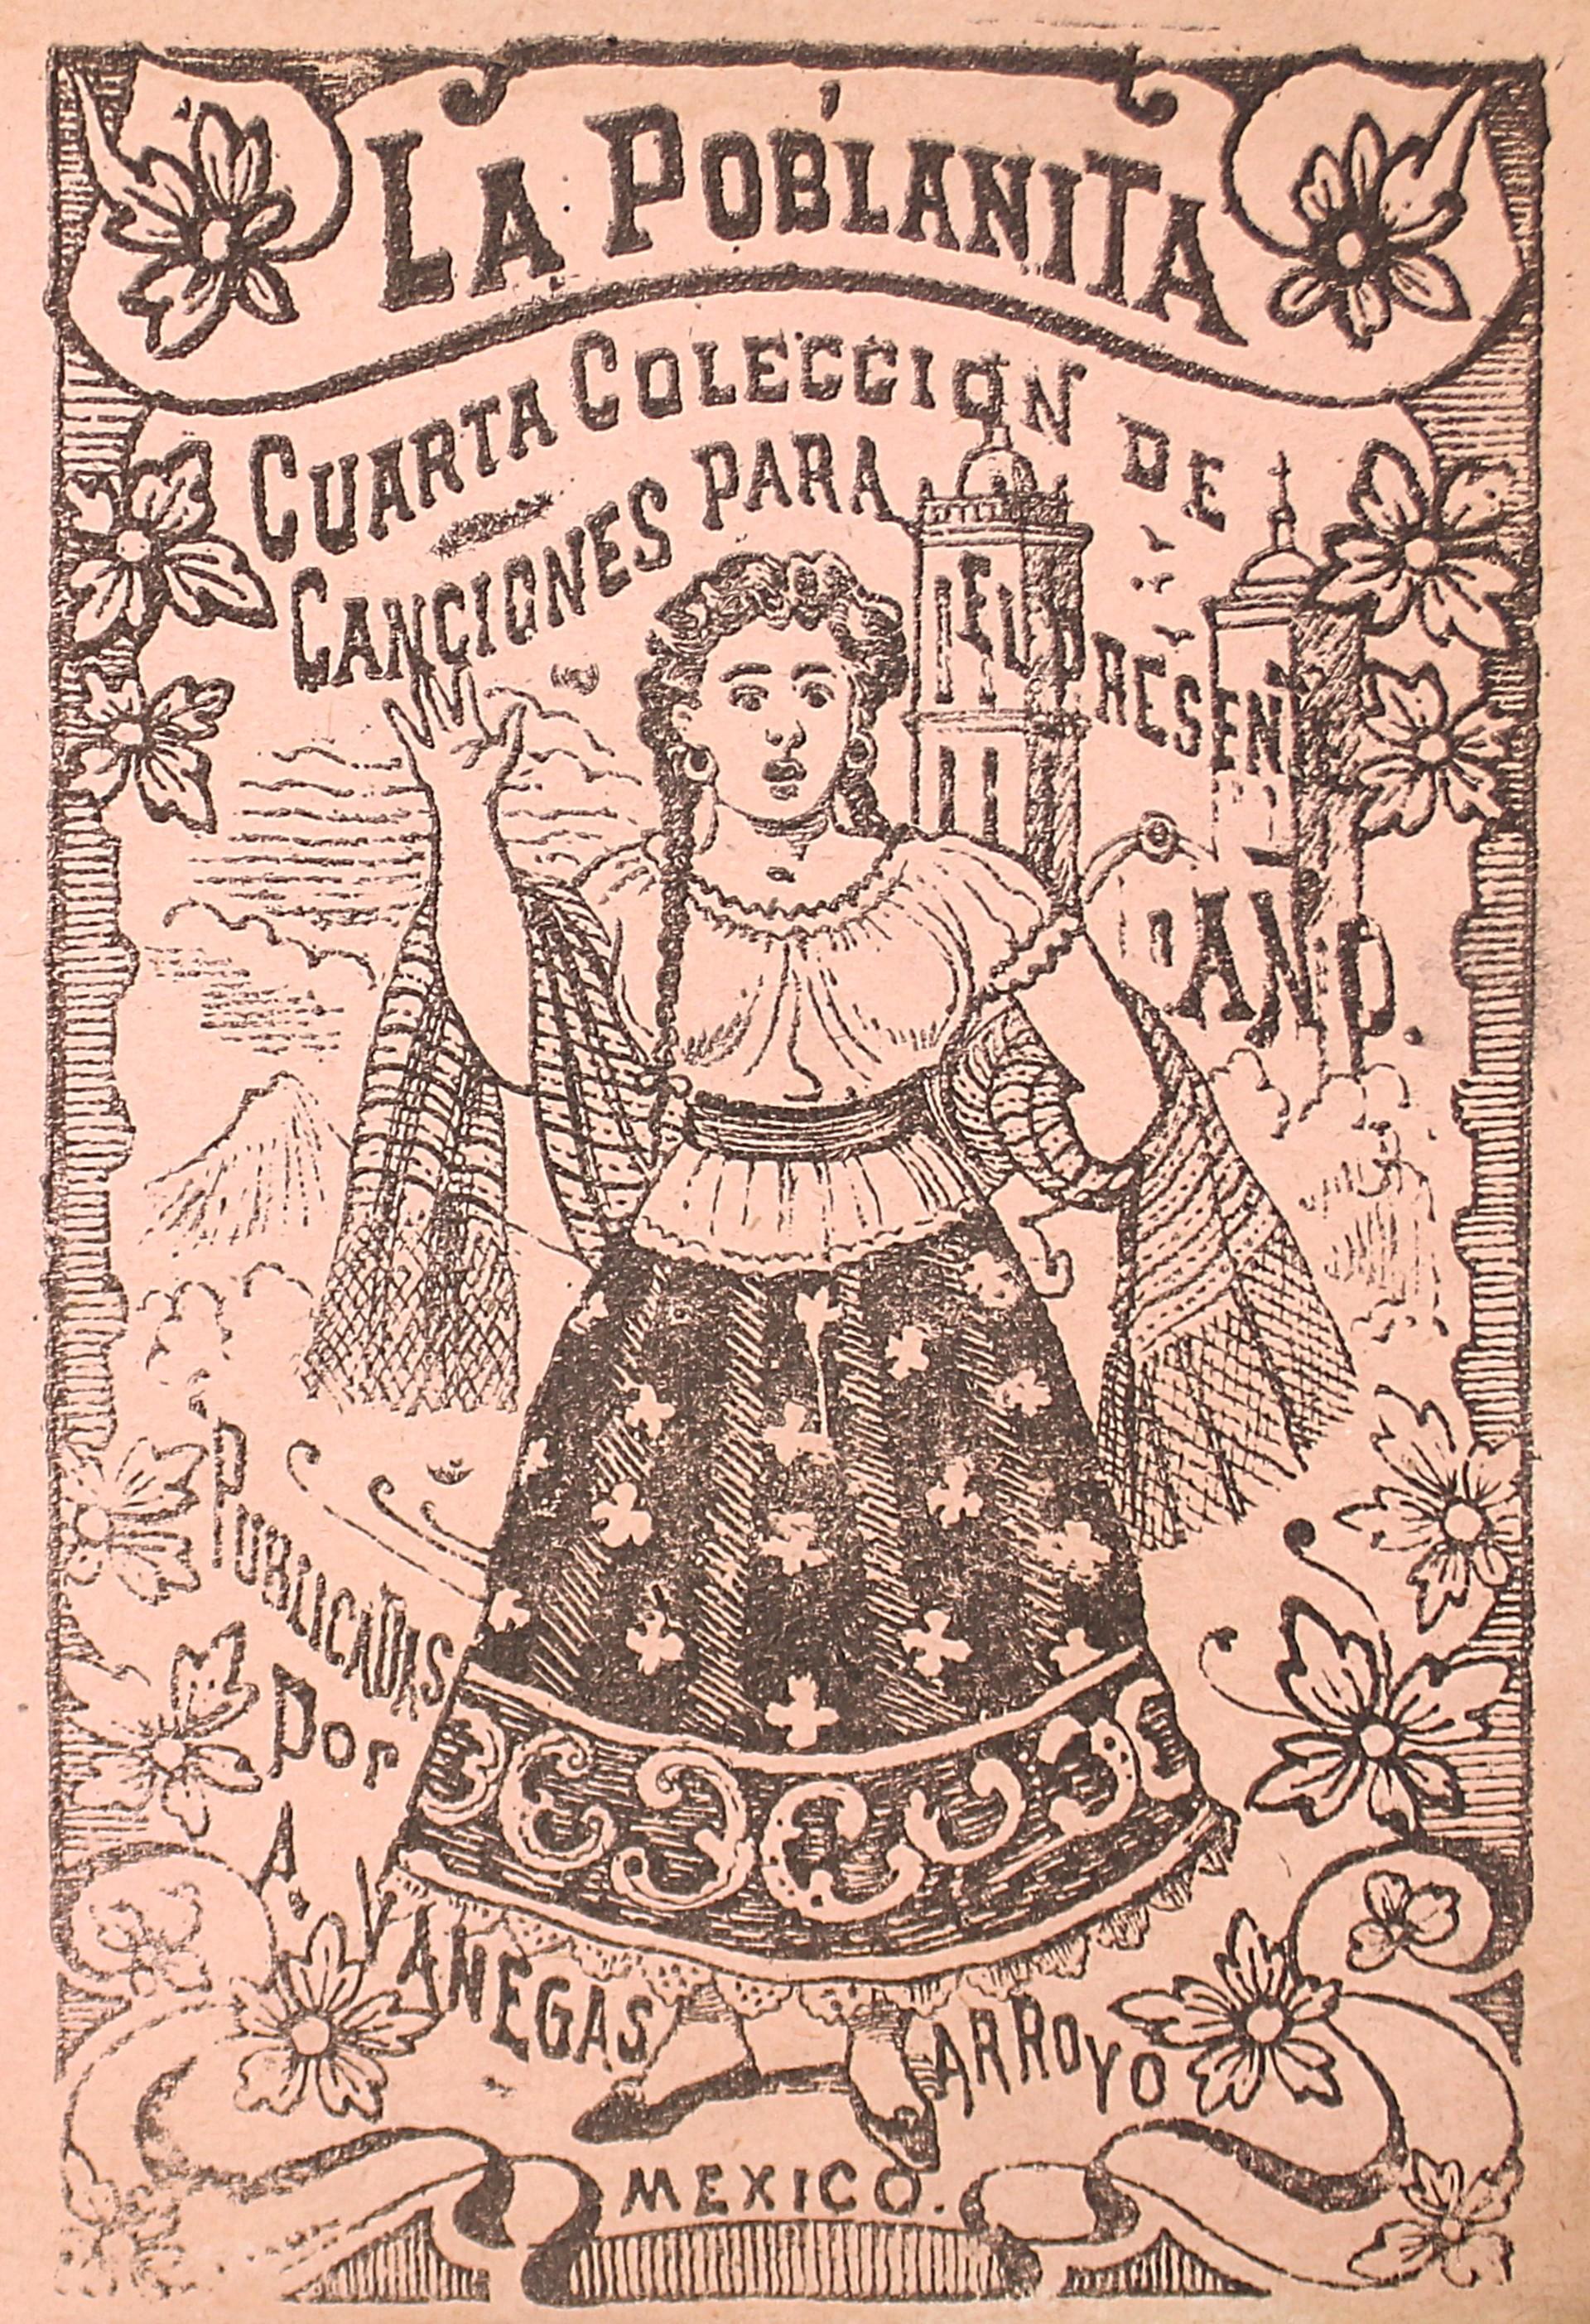 La Poblanita. Cuarta Colección de canciones para el presente ano. by José Guadalupe Posada (1852 - 1913)